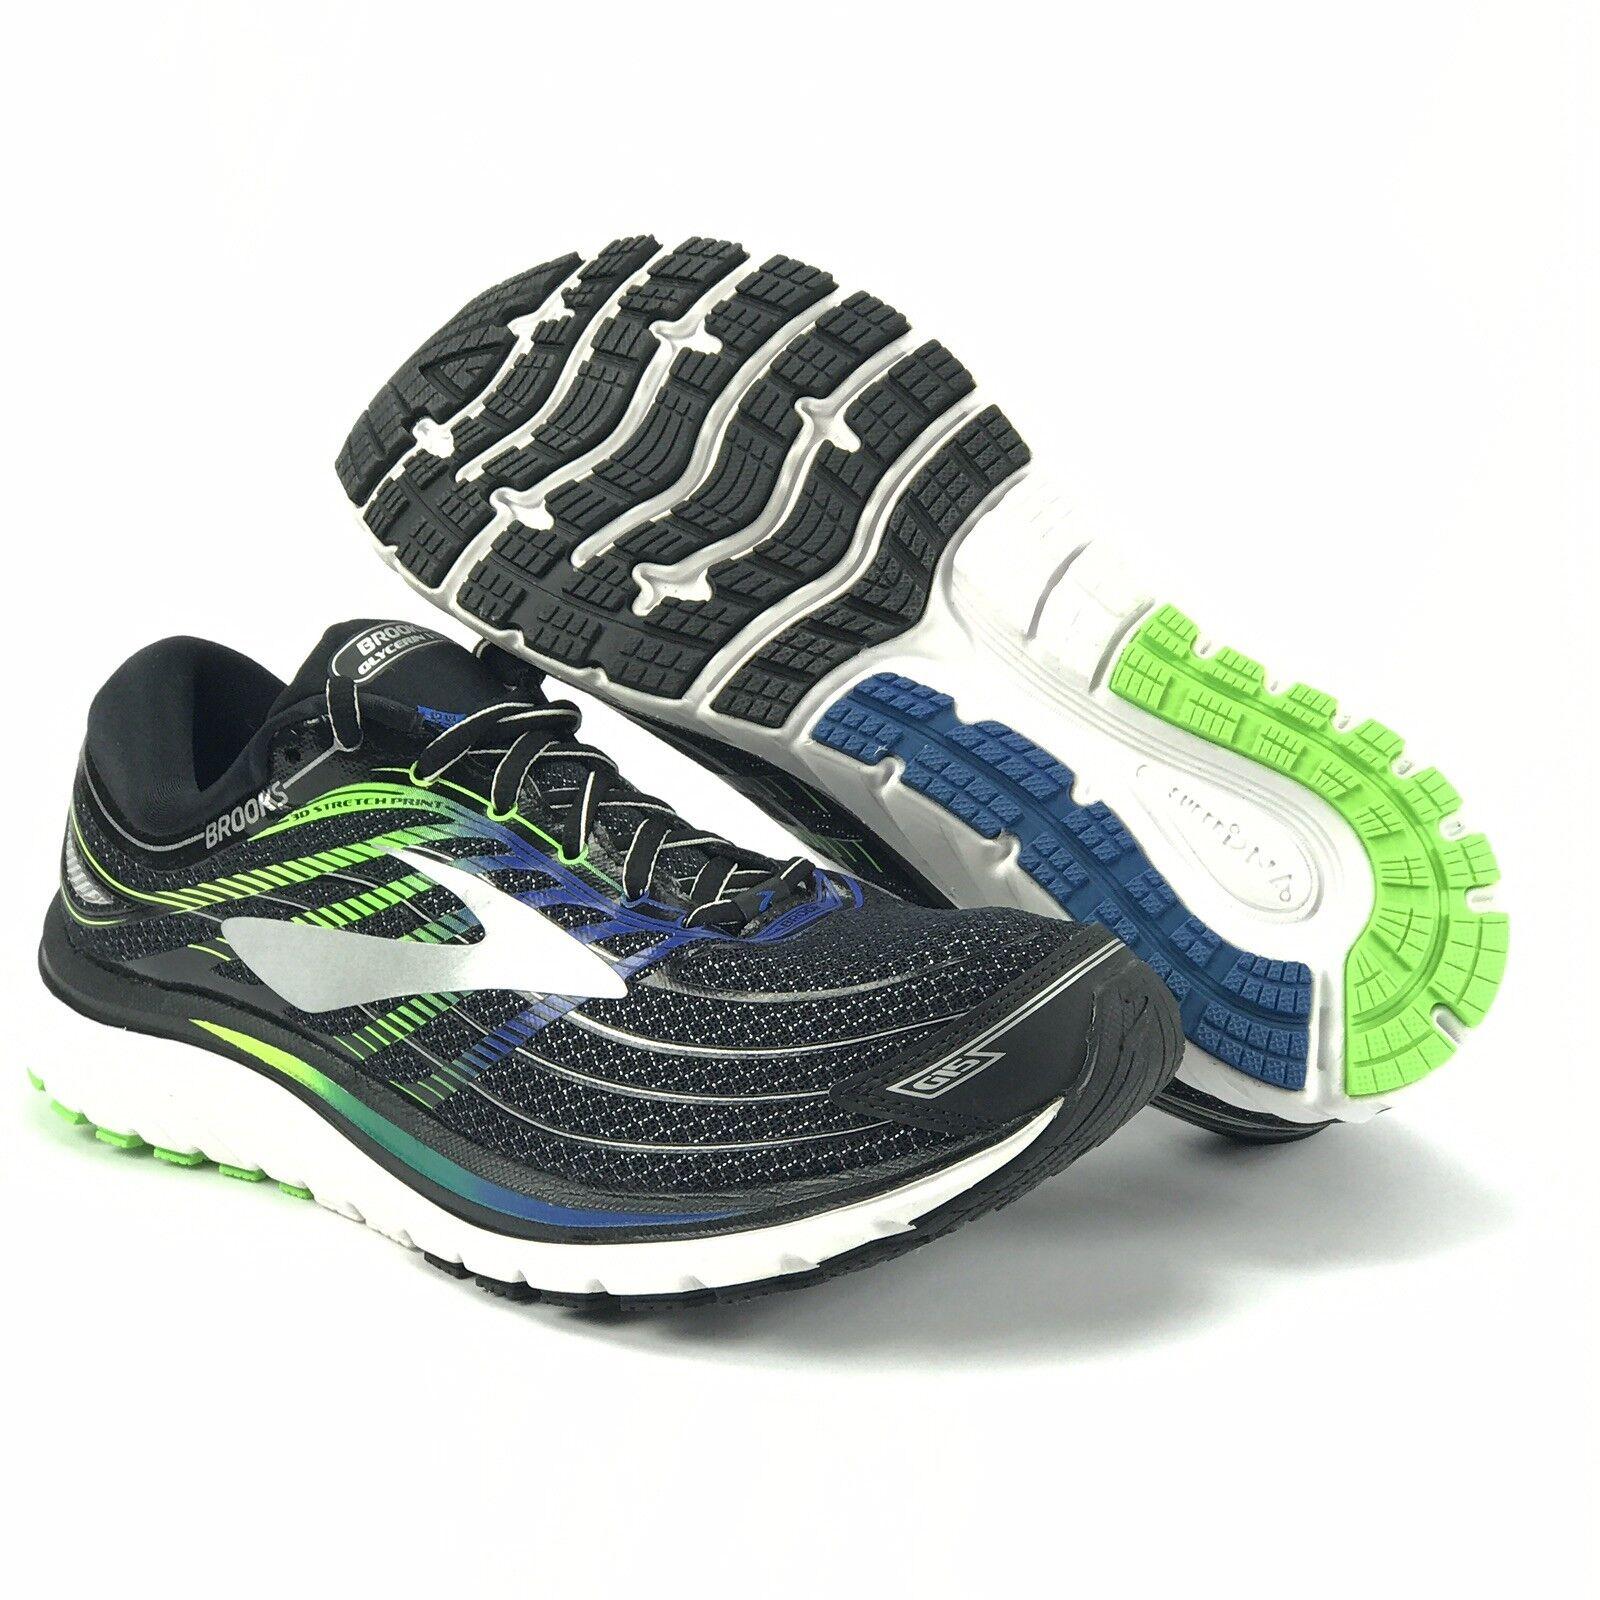 Brooks Glycerin 15 pour Homme électrique noire Brooks Bleu Vert Chaussures De Course Taille 8 D